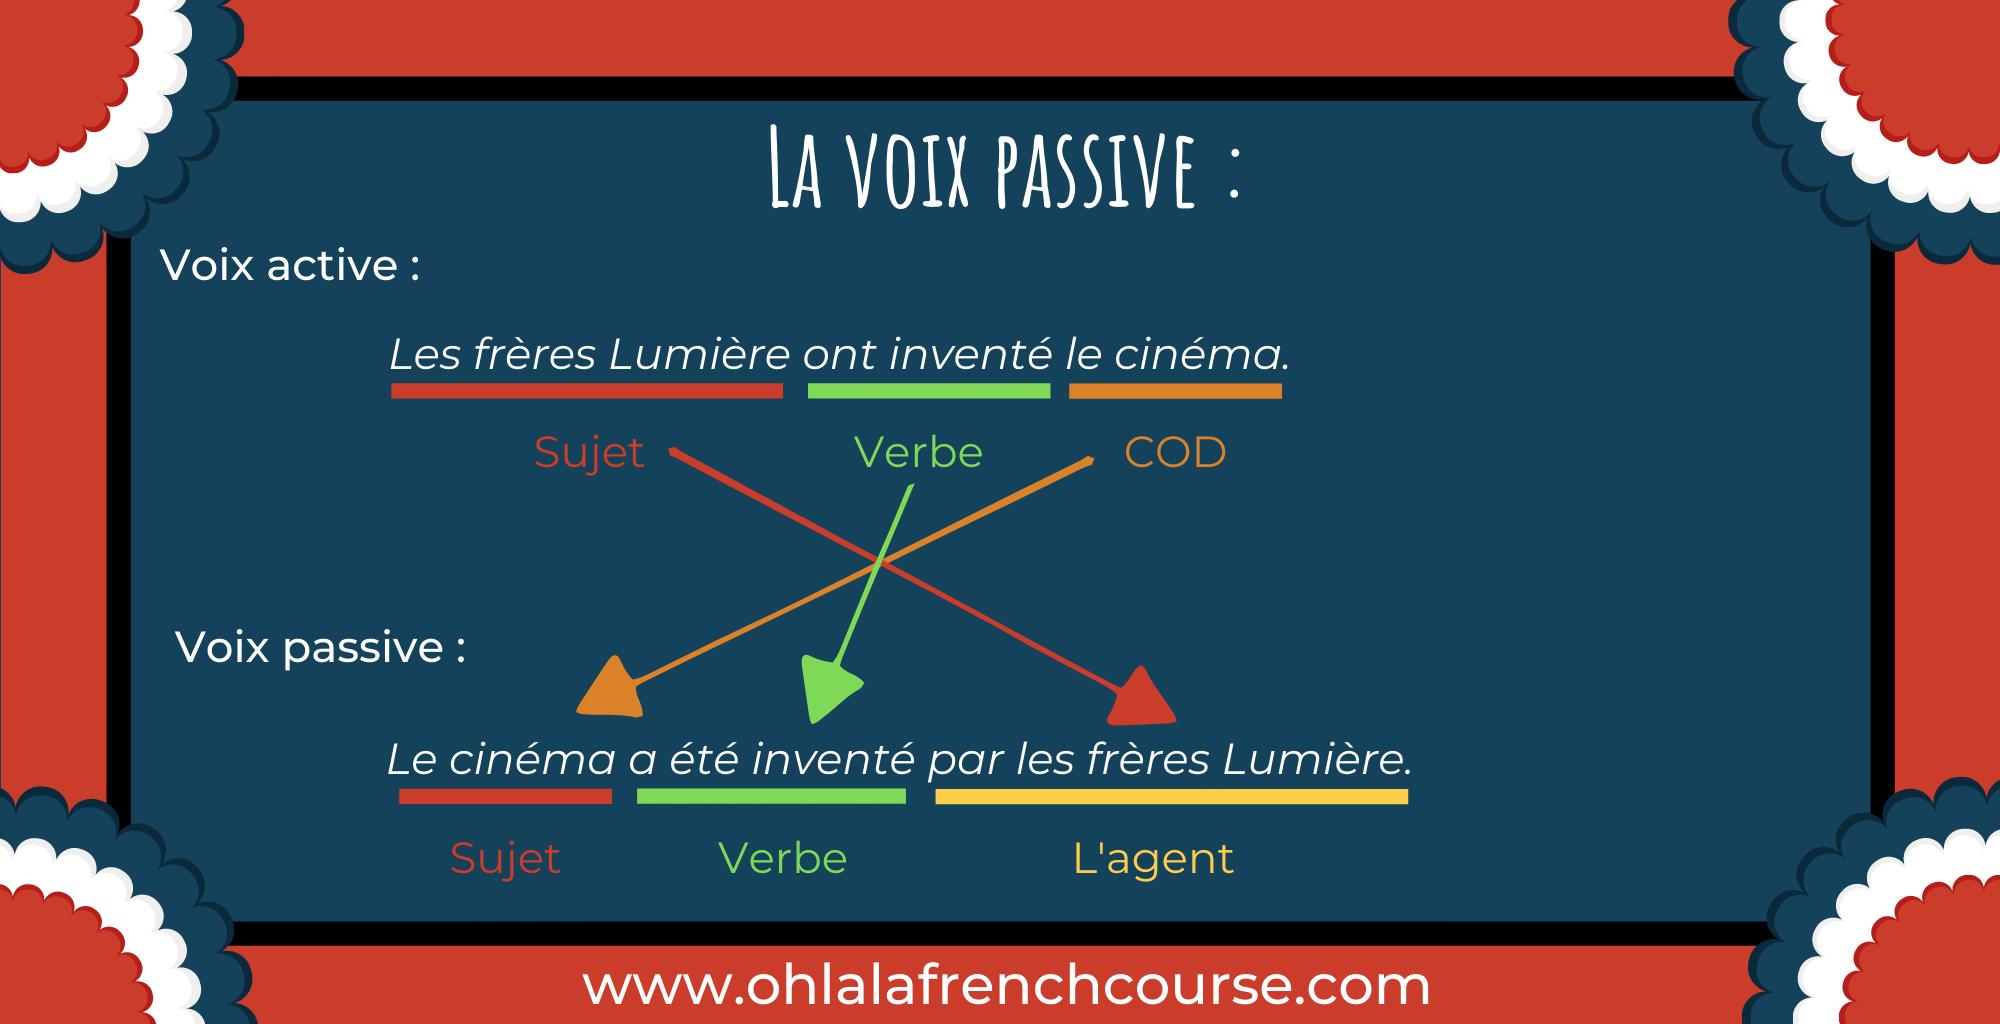 La voix passive en français